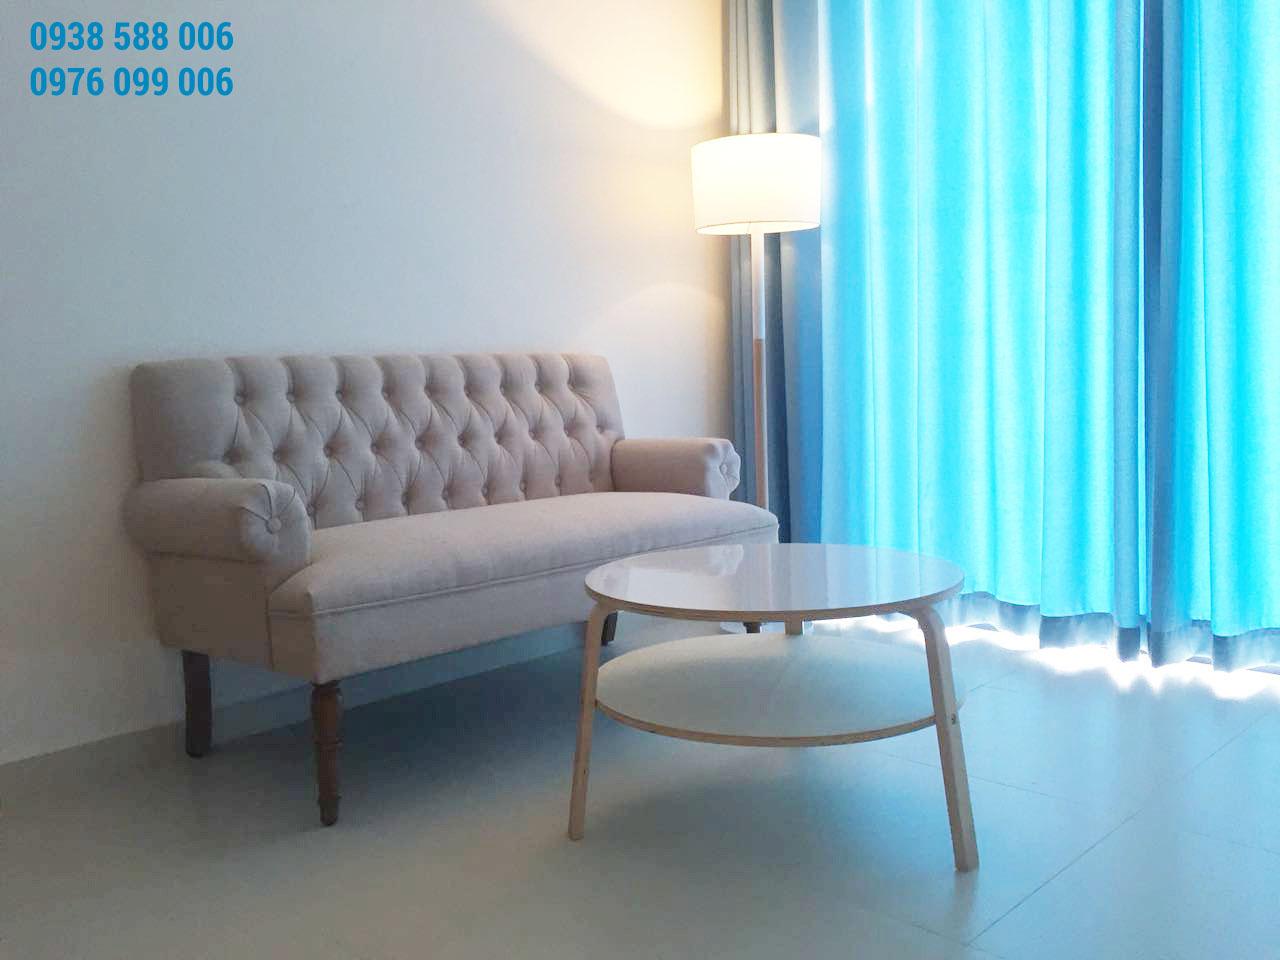 Nội thất bàn ghế sofa trong căn hộ m-one cho thuê 2 phòng ngủ.